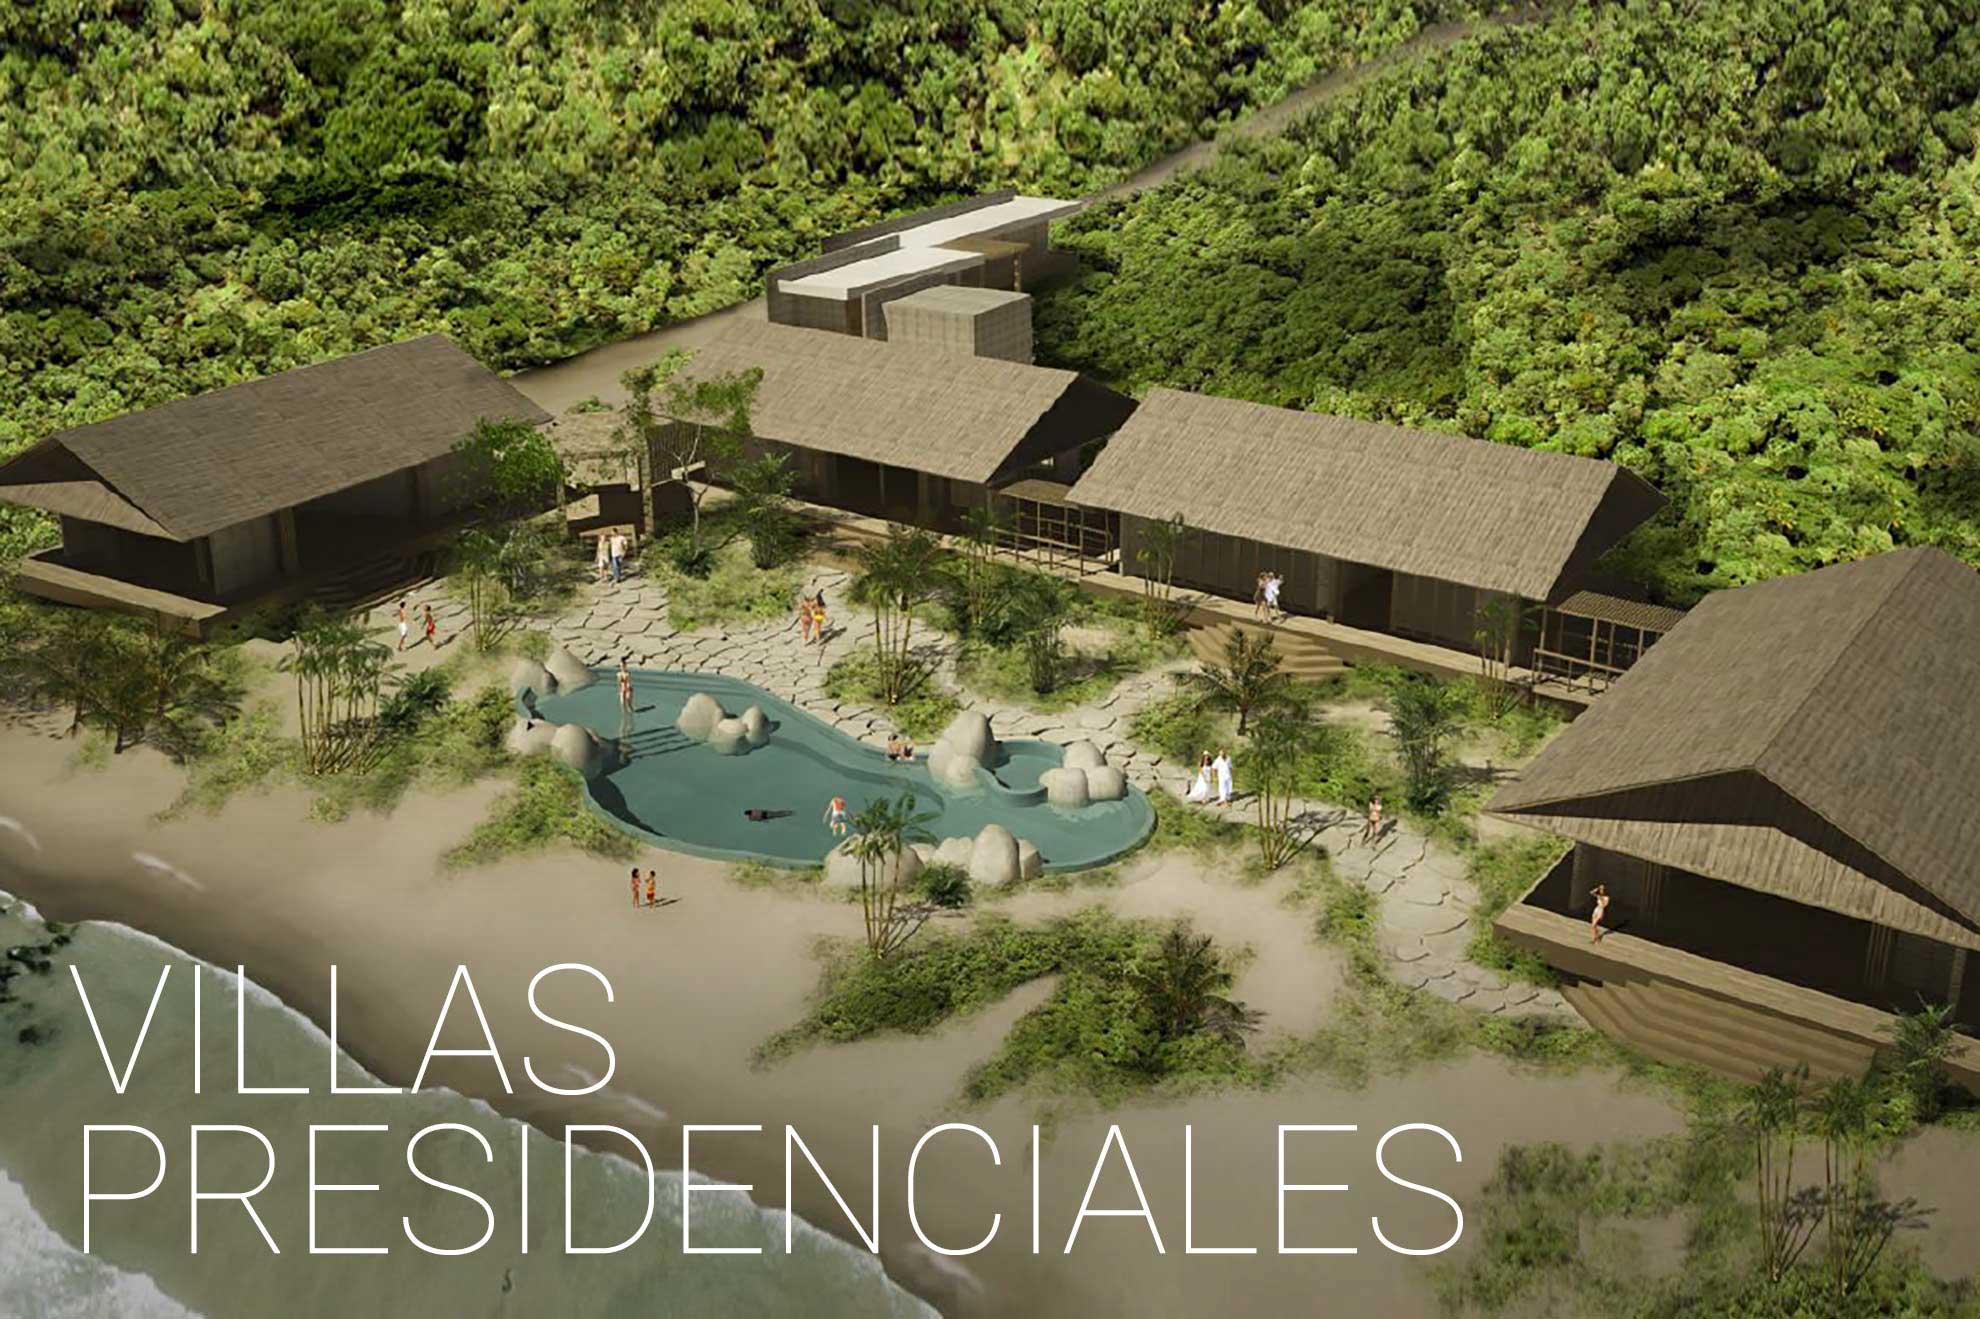 Les presentamos el proyecto de las Villas presidenciales ubicadas en Cancún Quintana Ro, diseñadas y creadas por Depa 102